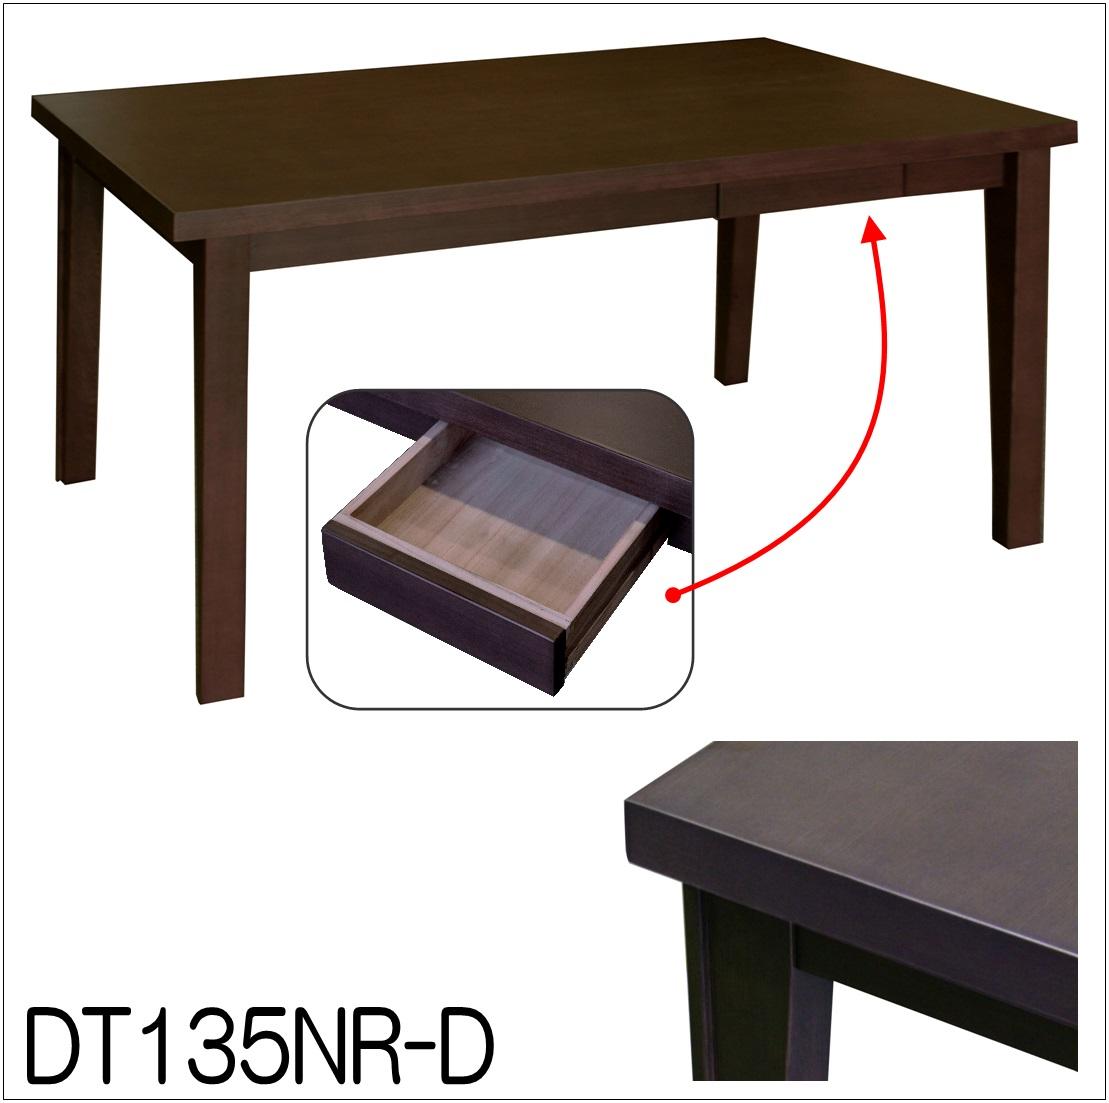 ダイニングテーブル 幅135cm ダークブラウン【DT135-NR-D】タモ突板ウレタン塗装【脚部組立て式】【送料無料】